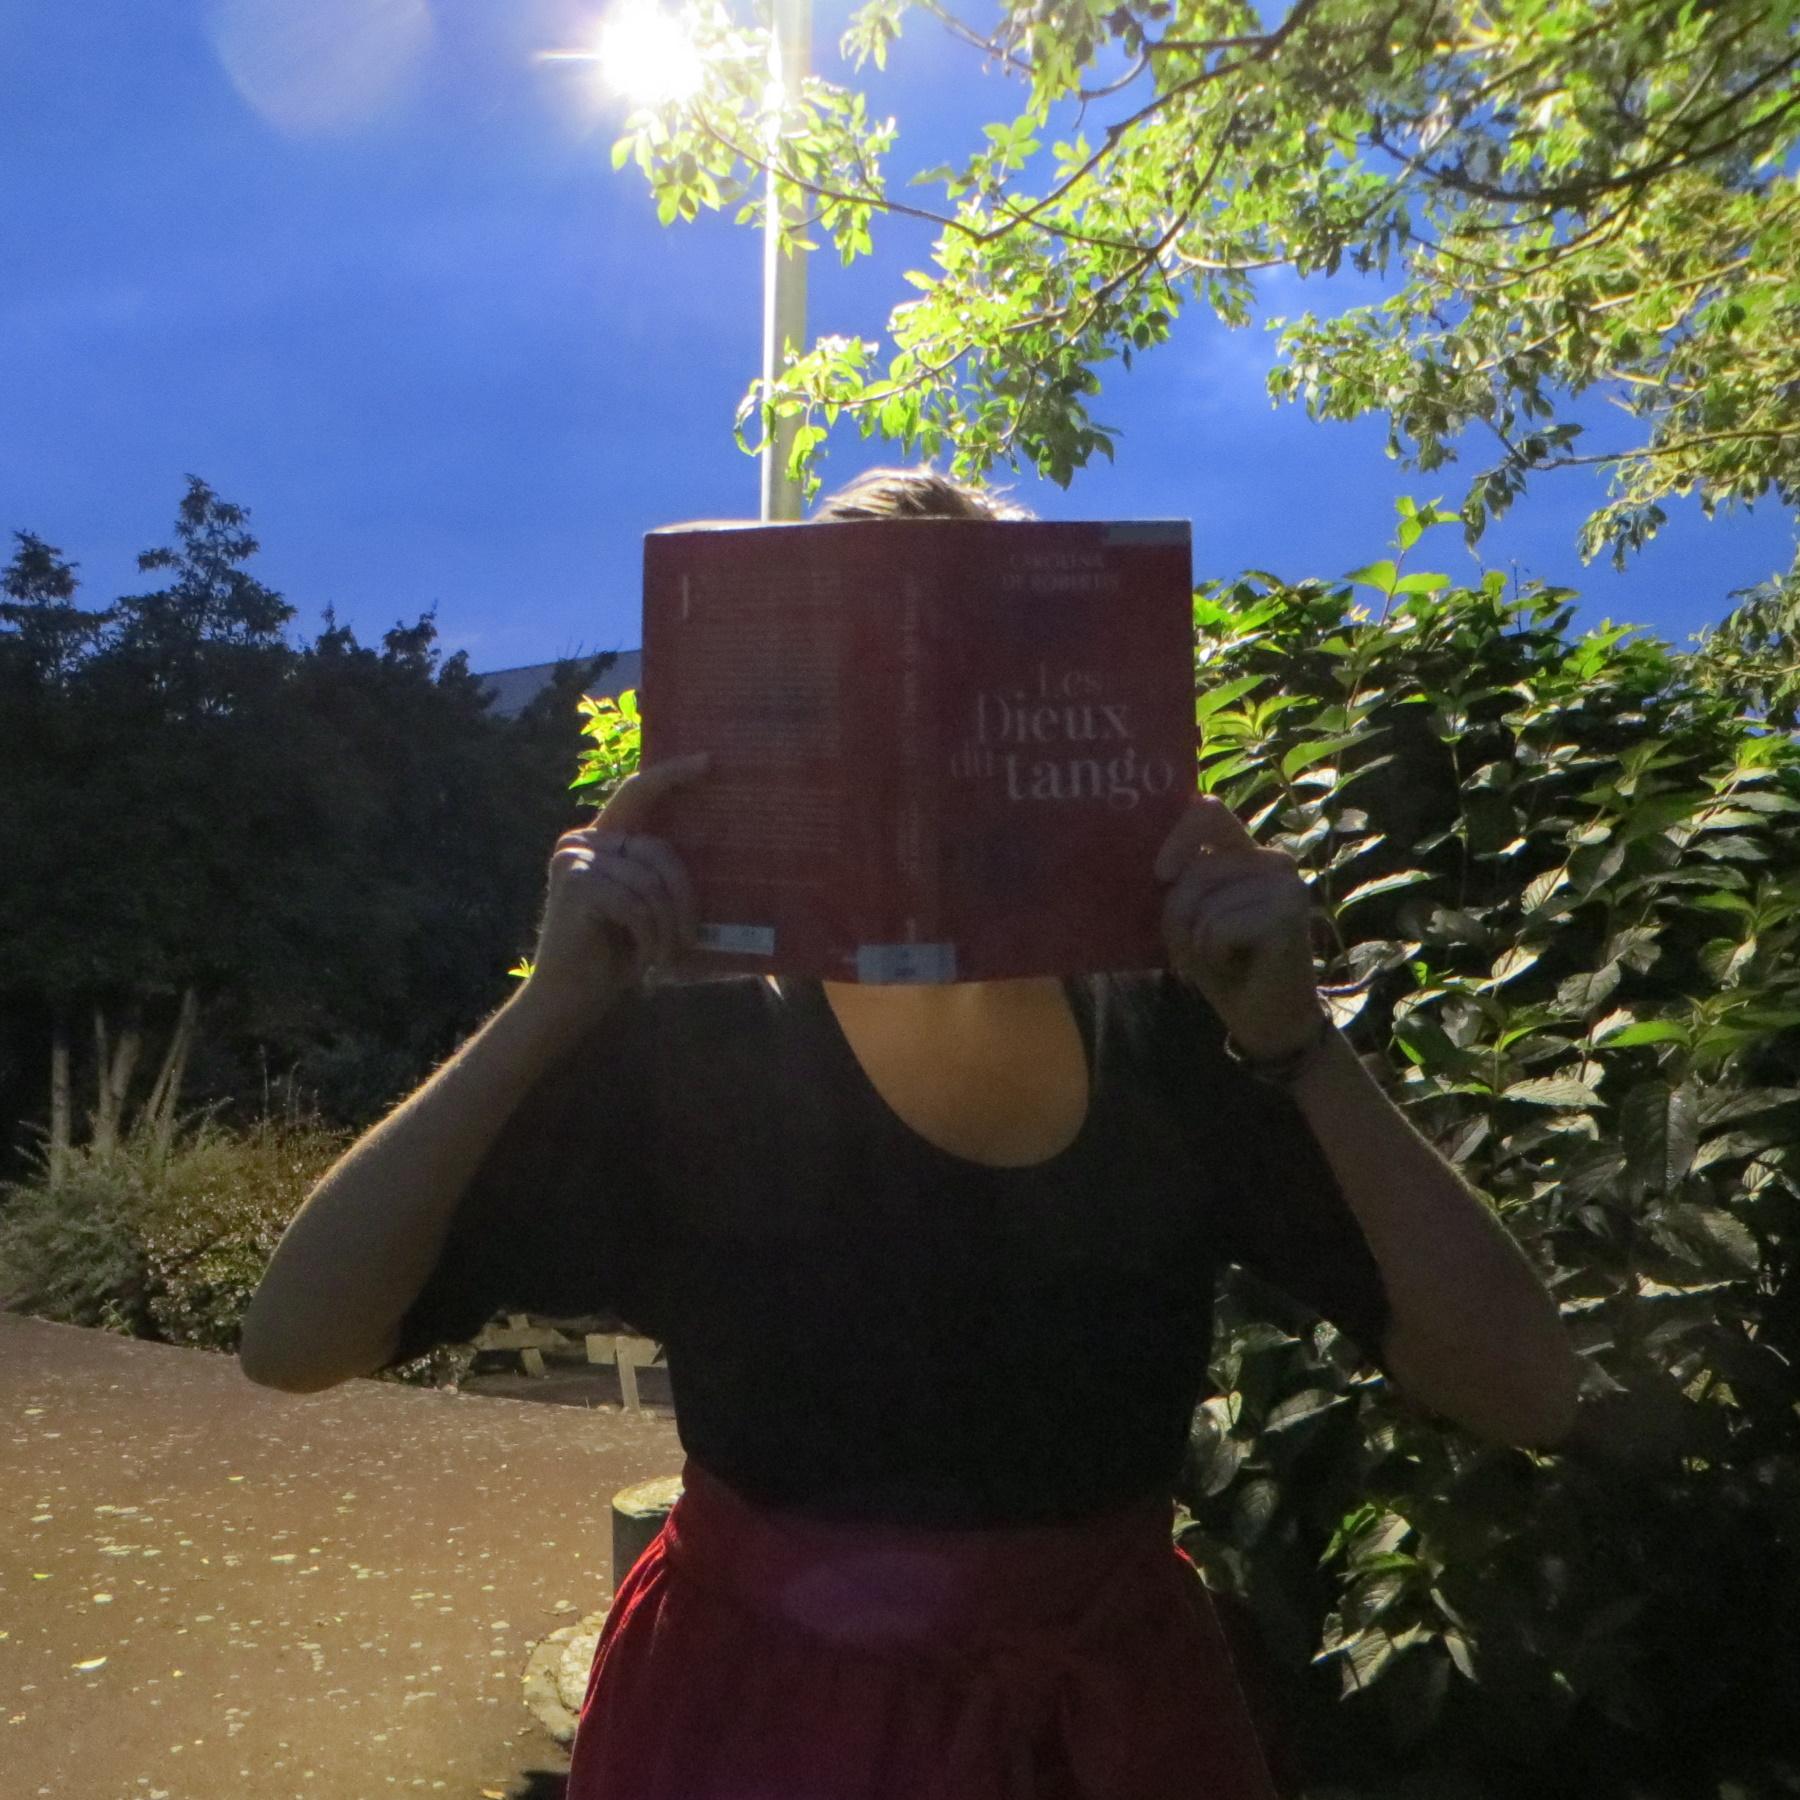 personne en robe rouge et noire lisant Les Dieux du Tango de Carolina de Robertis de nuit, devant un lampadaire